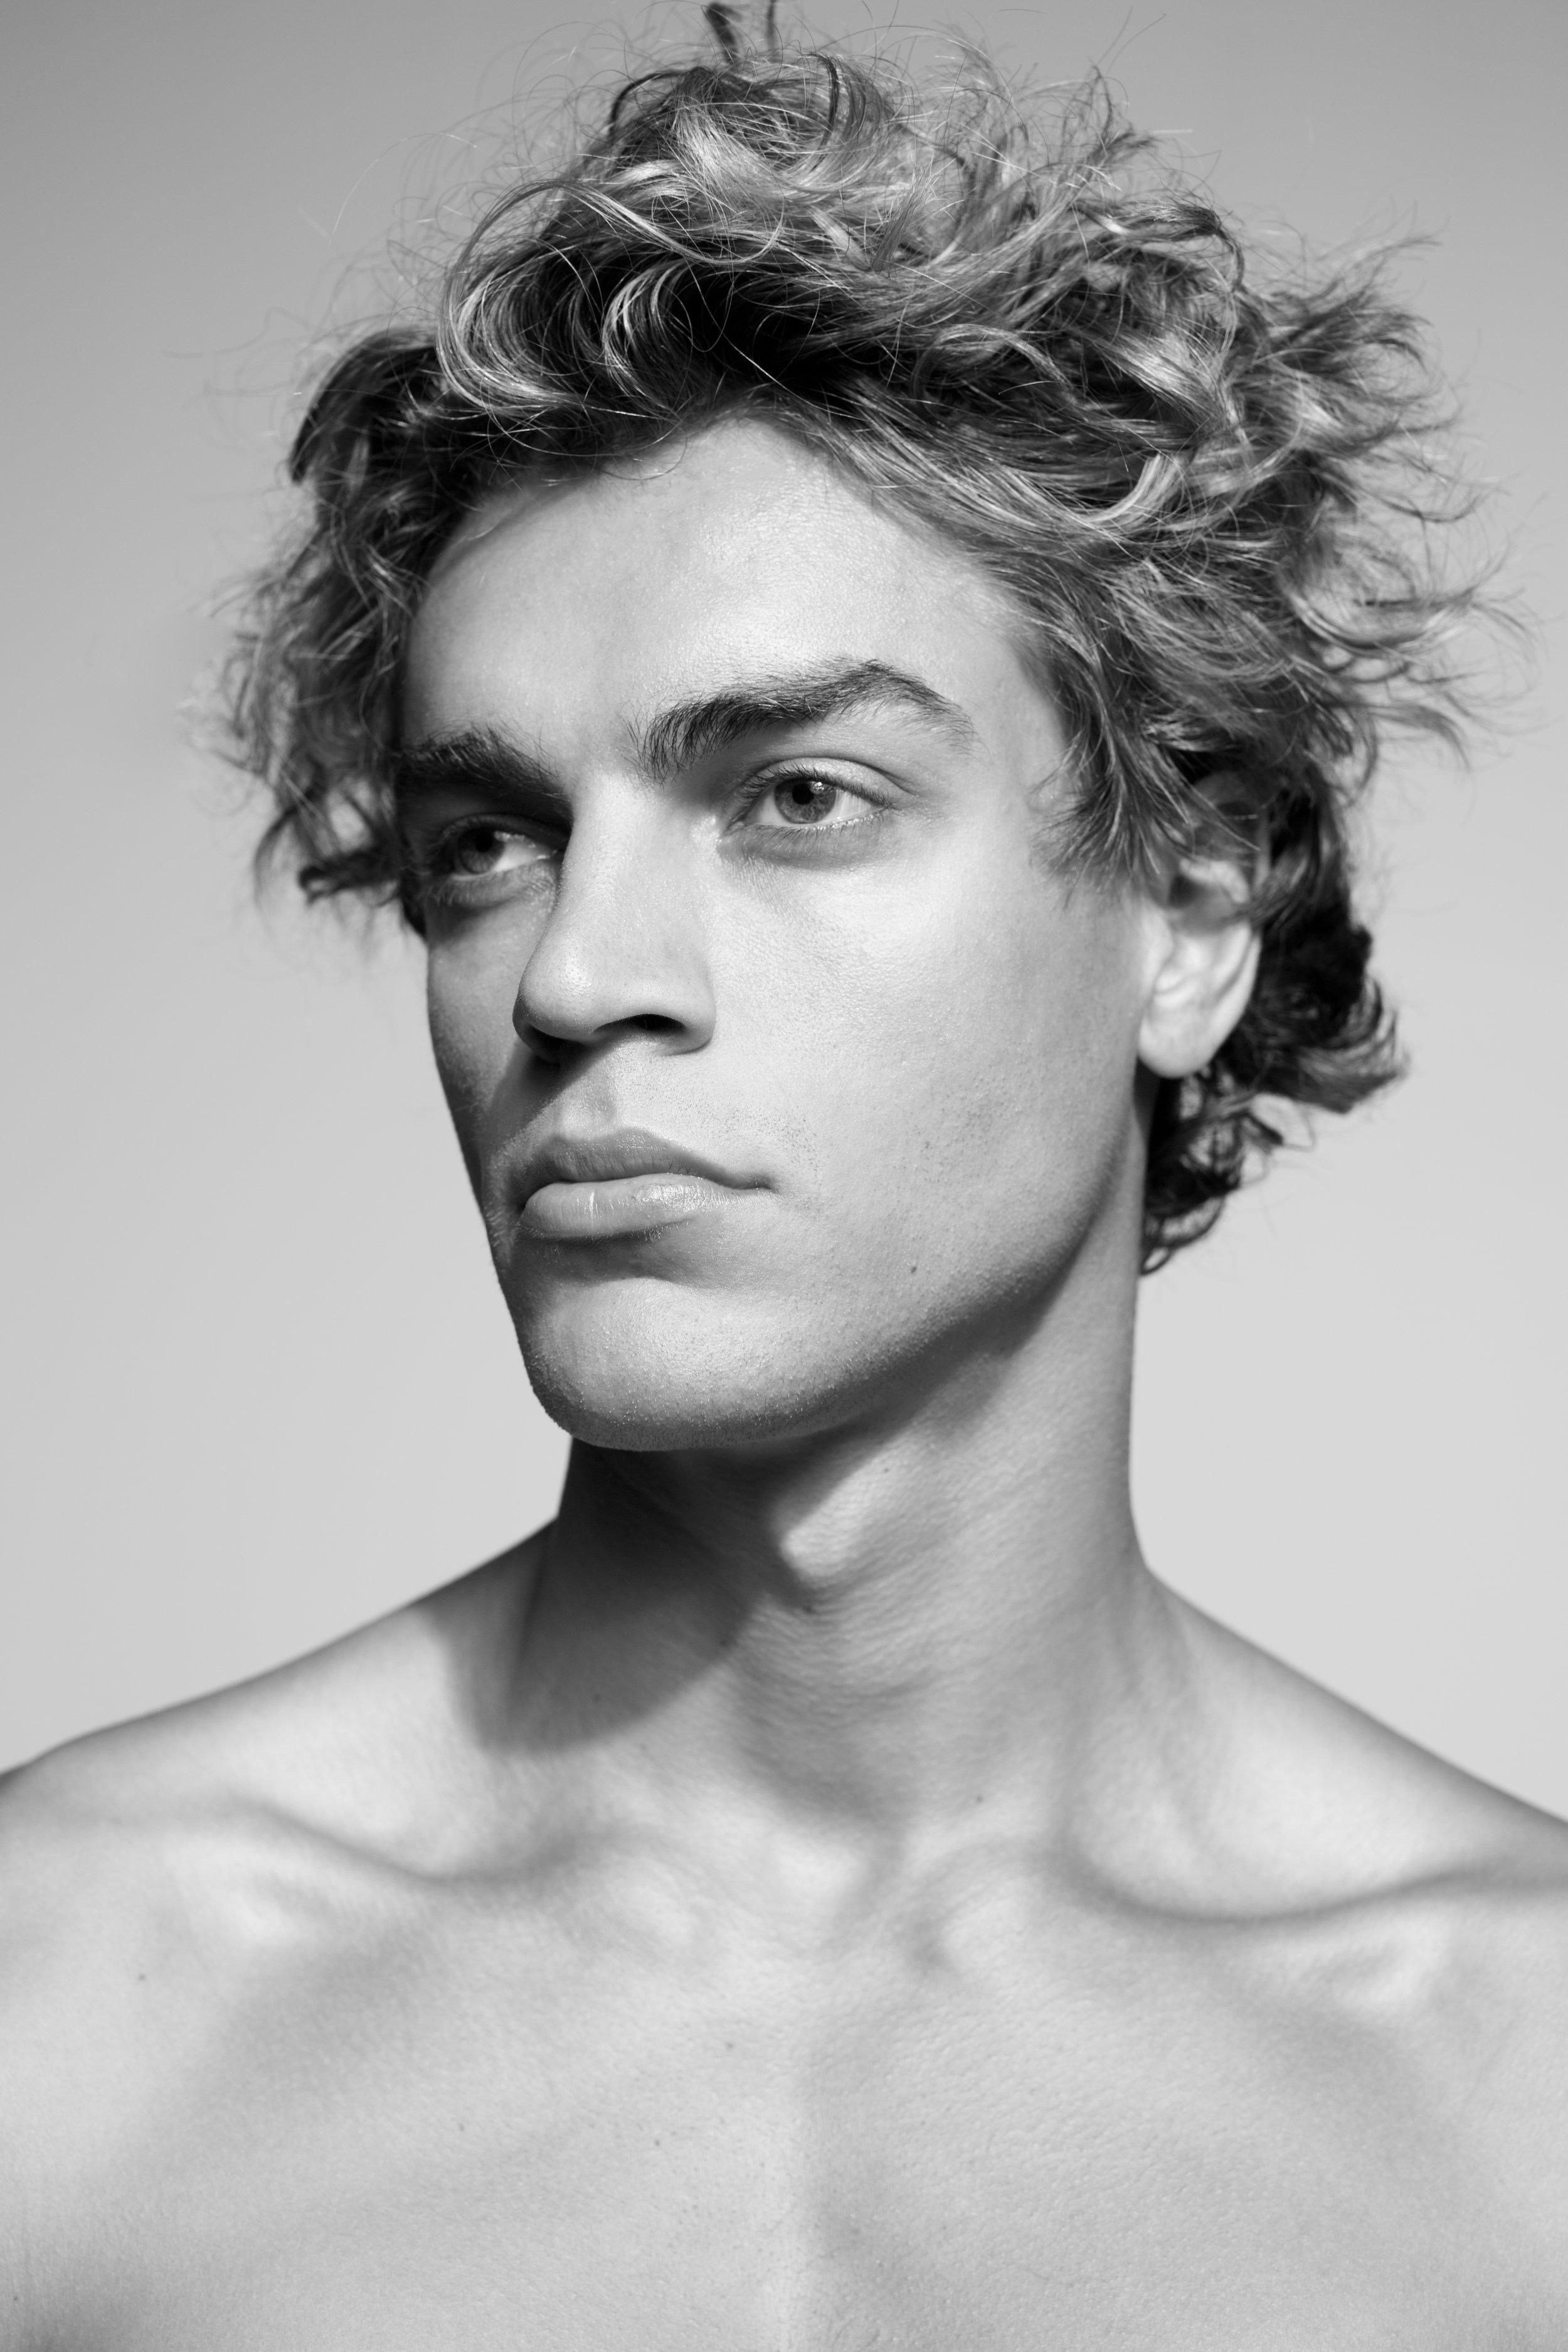 OUT_magazine-matt-young-model-jesse-dreyfus.jpg